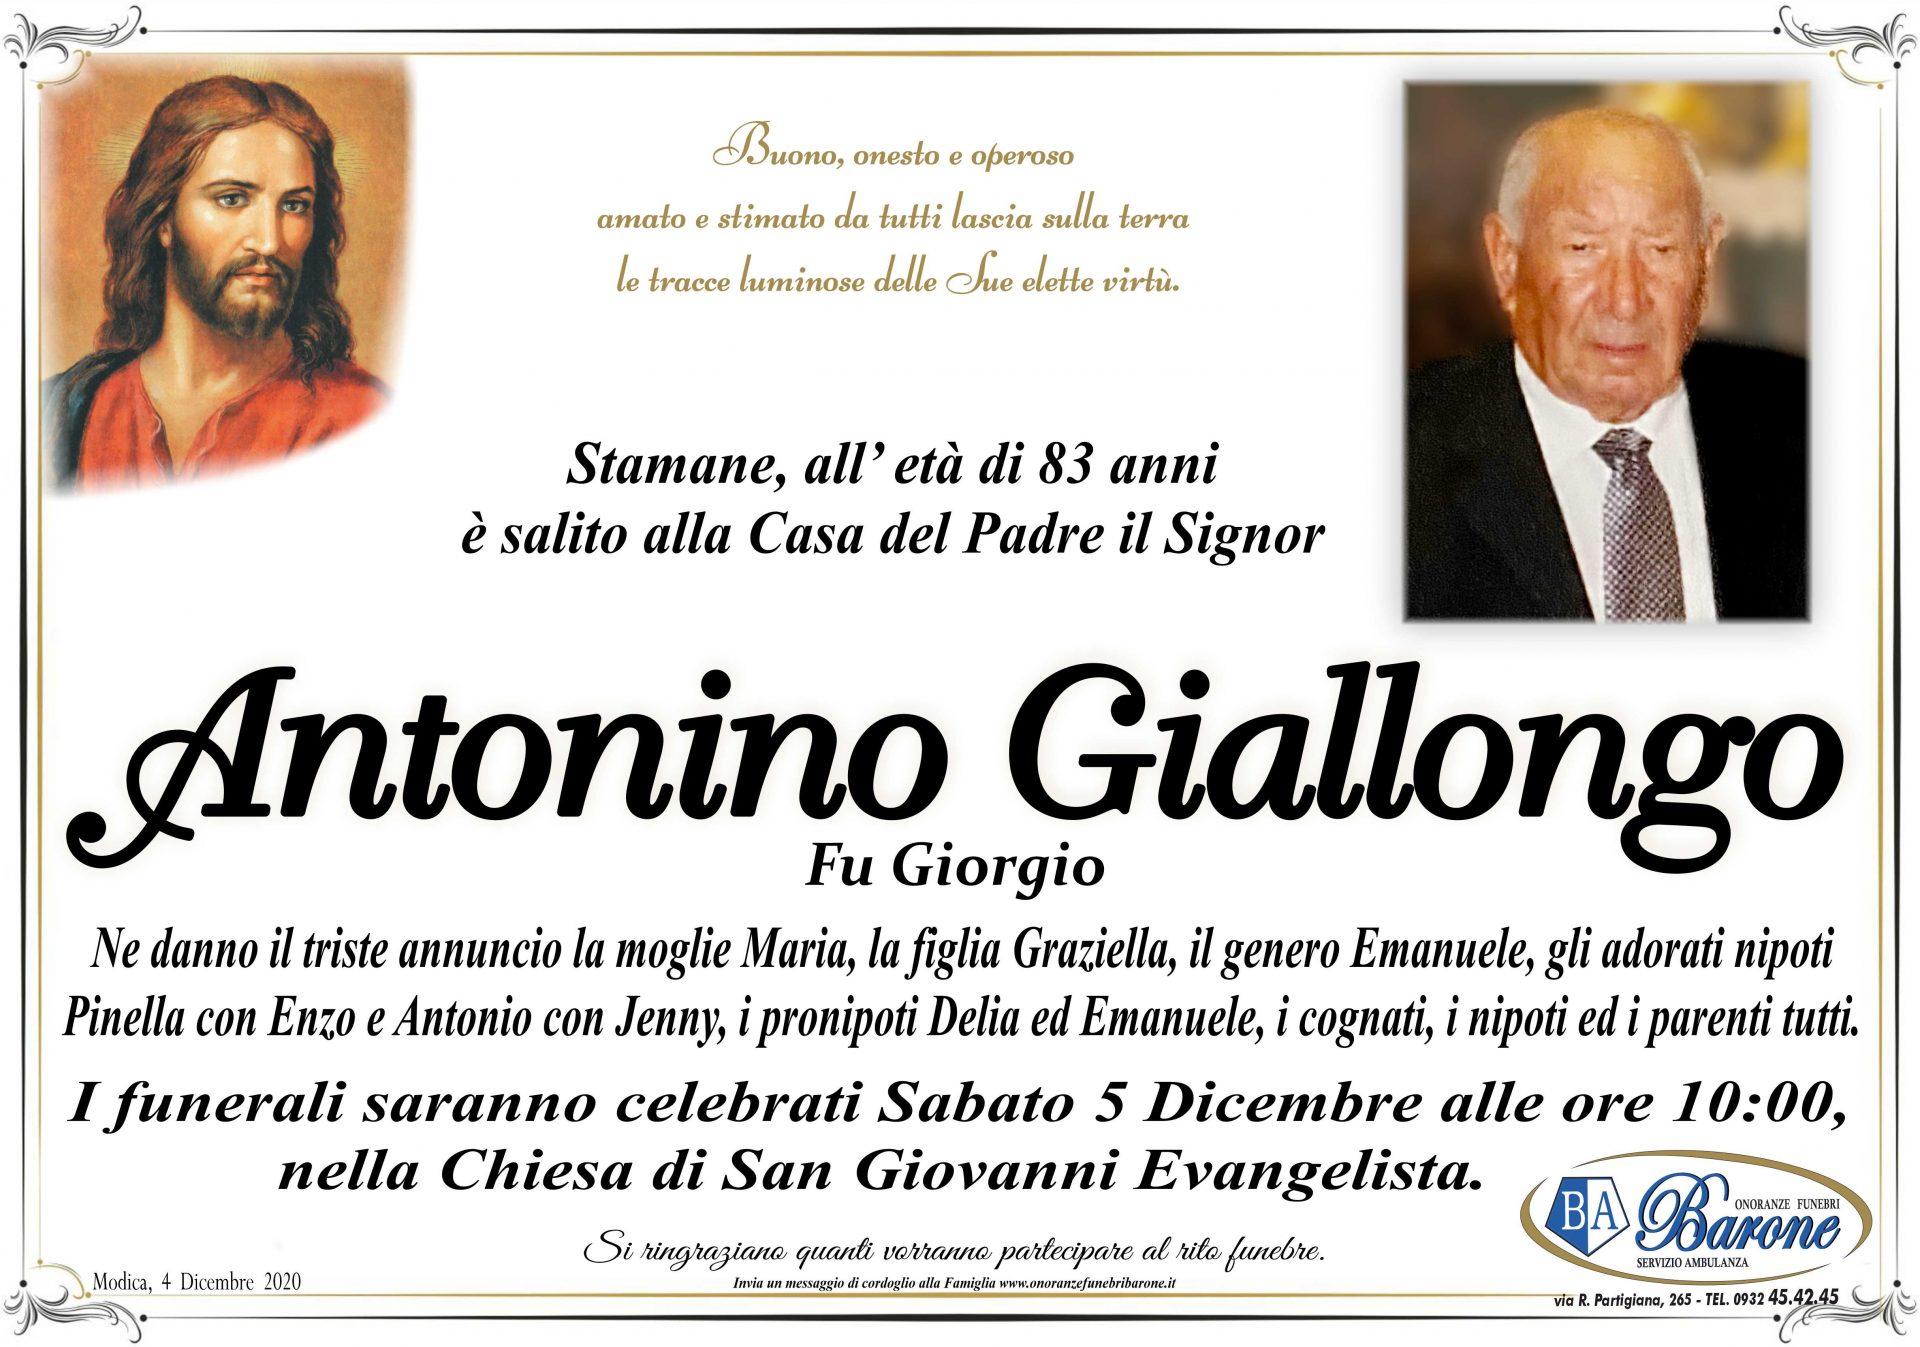 Antonino Giallongo